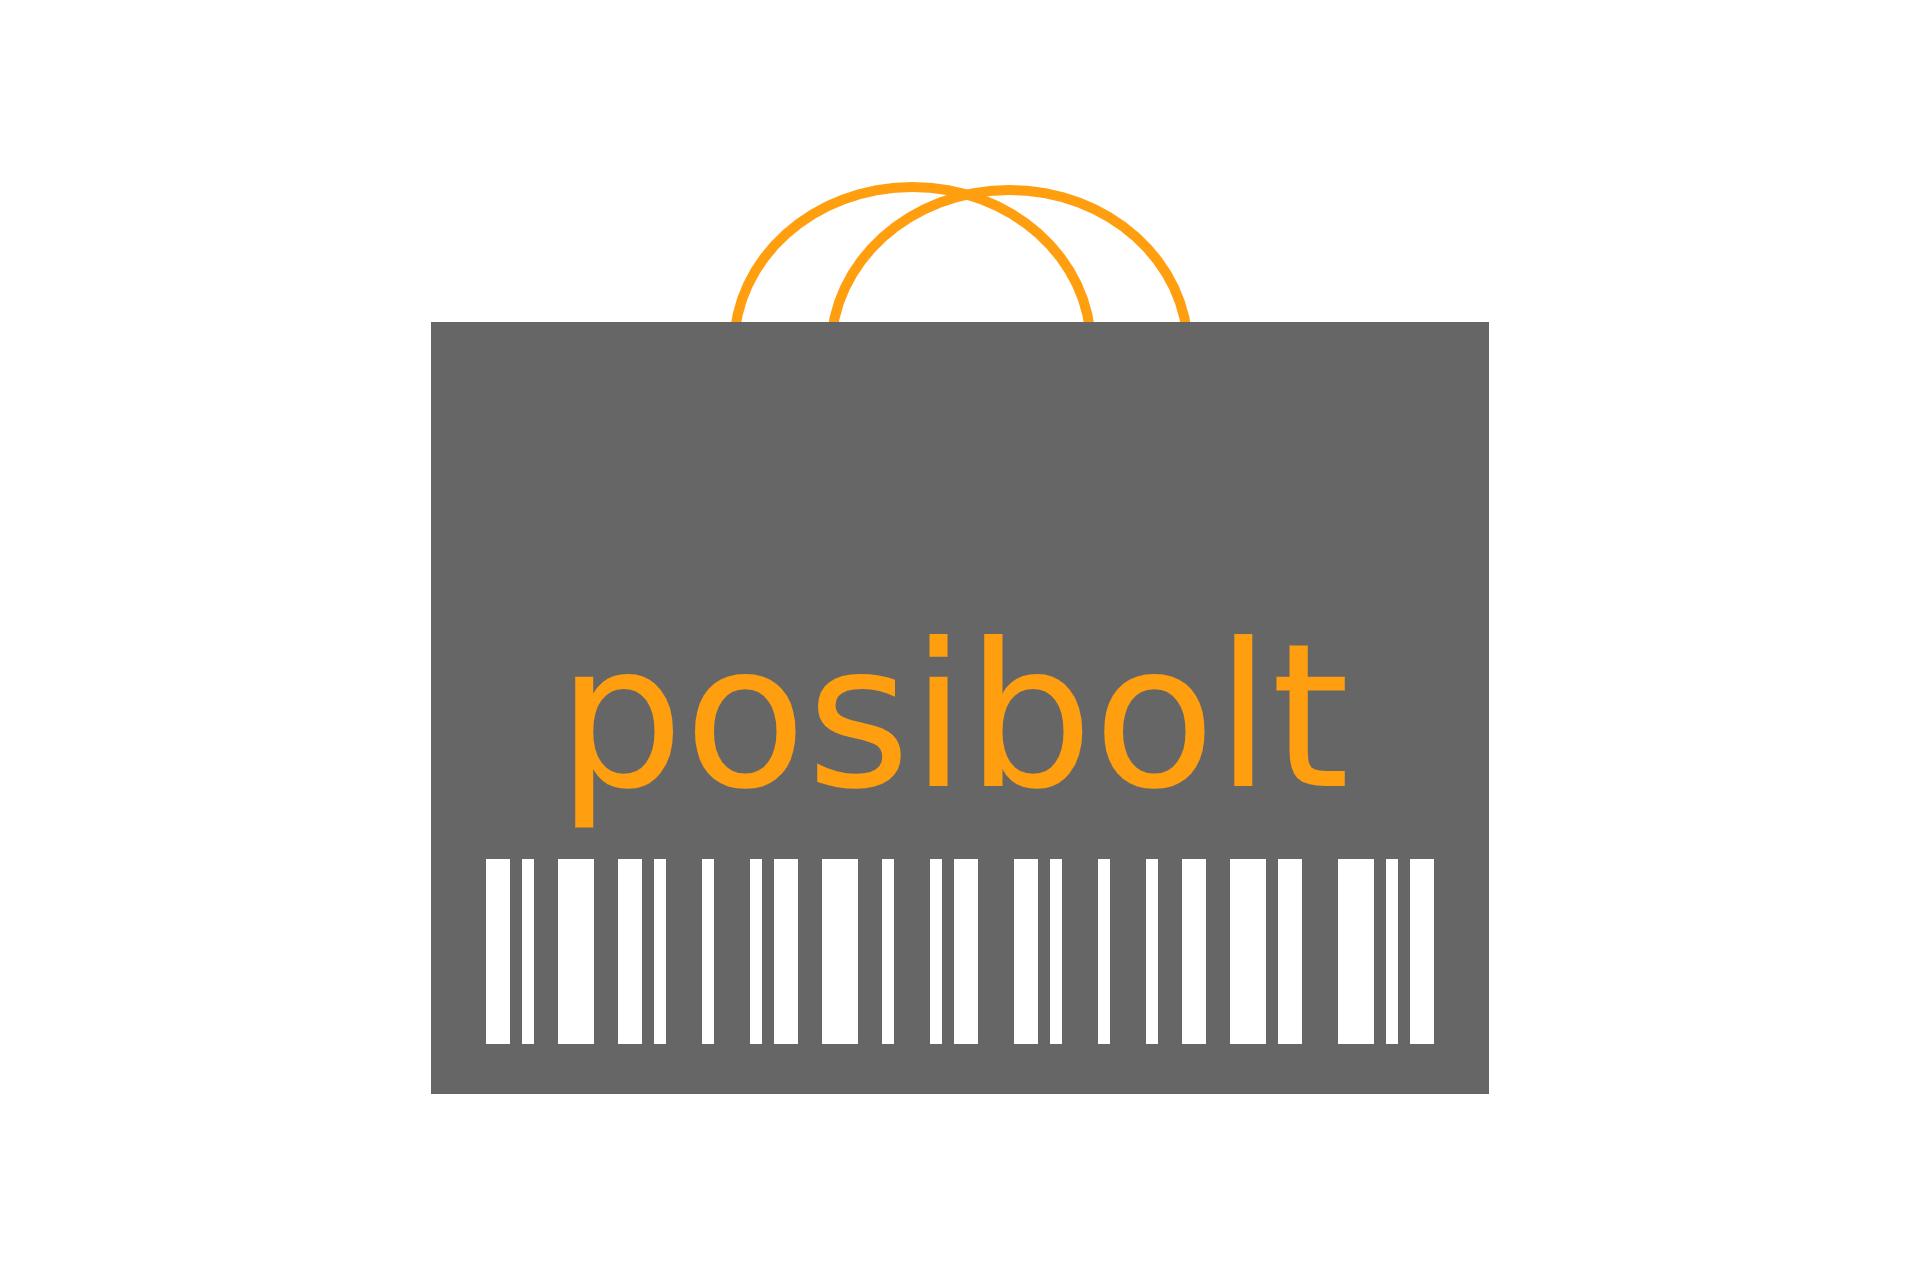 Posibolt